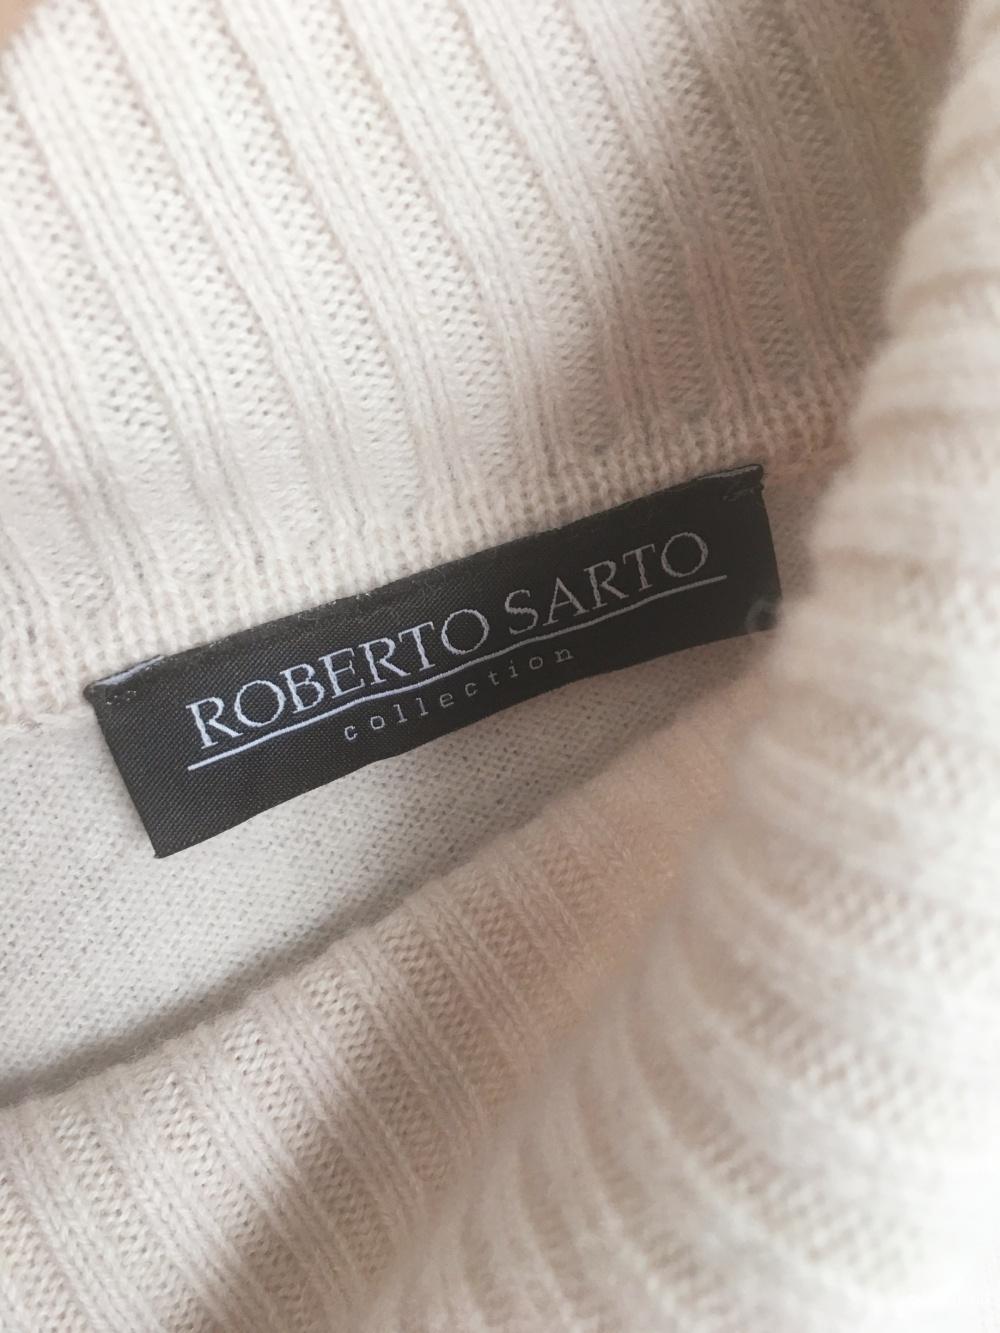 Свитер Roberto Sarto. Размер 44